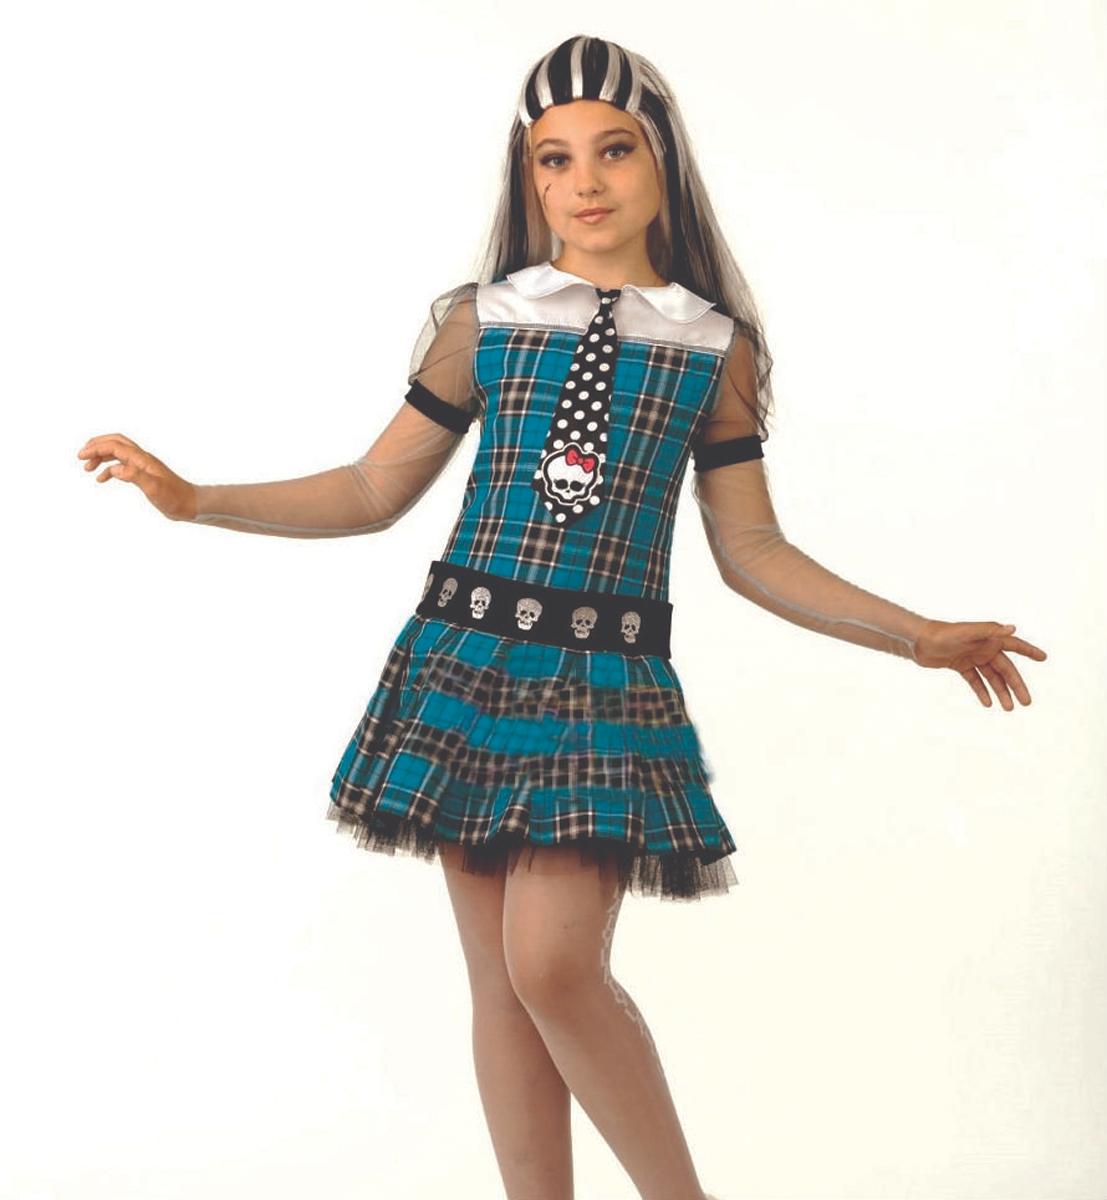 Батик Костюм карнавальный для девочки Фрэнки Штейн размер 38 monster high кукла френки штейн буникальные танцы